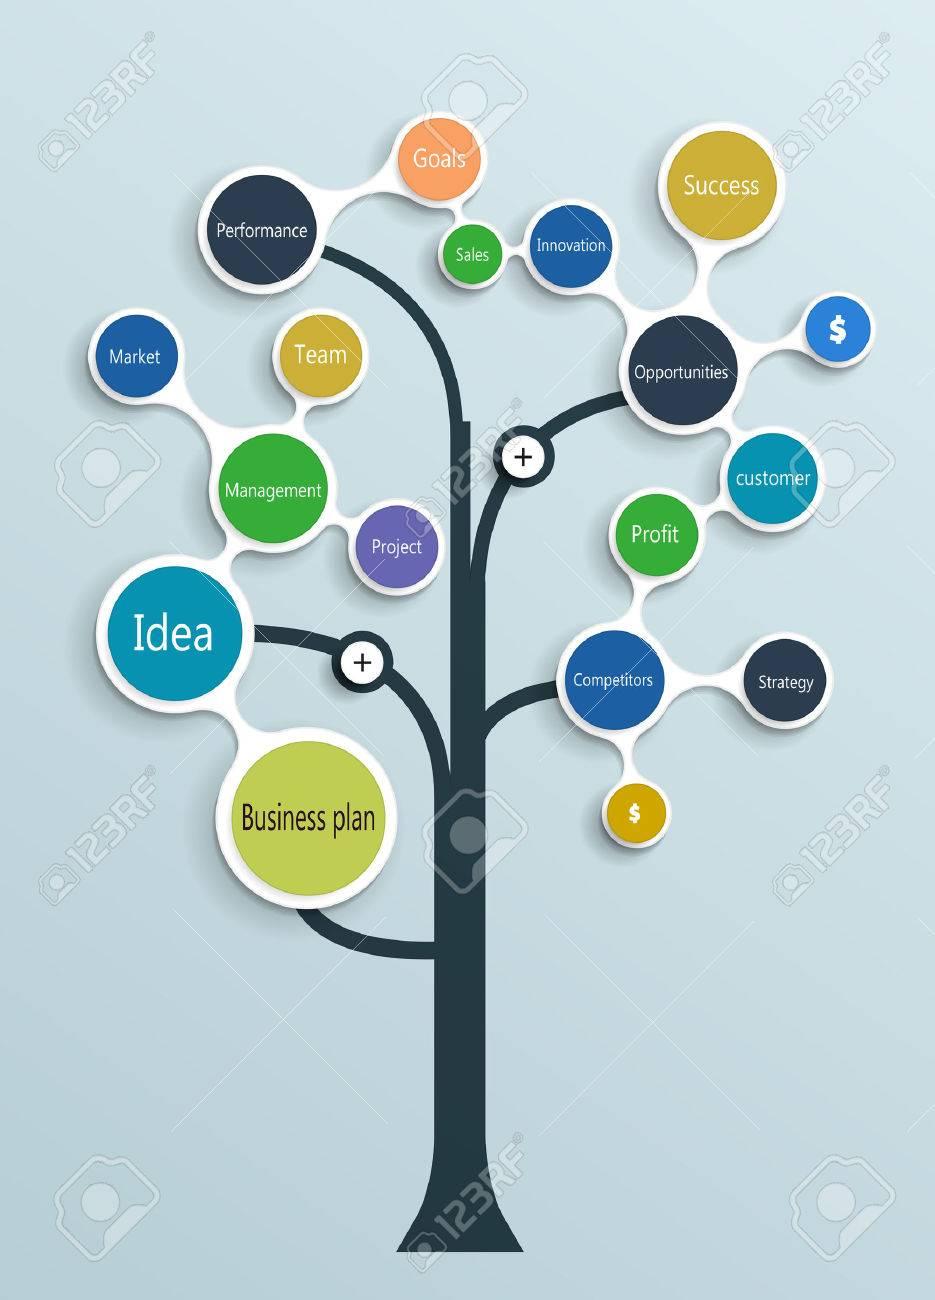 ビジネス プランのツリー タイムライン 操作 財務計画 製品の説明